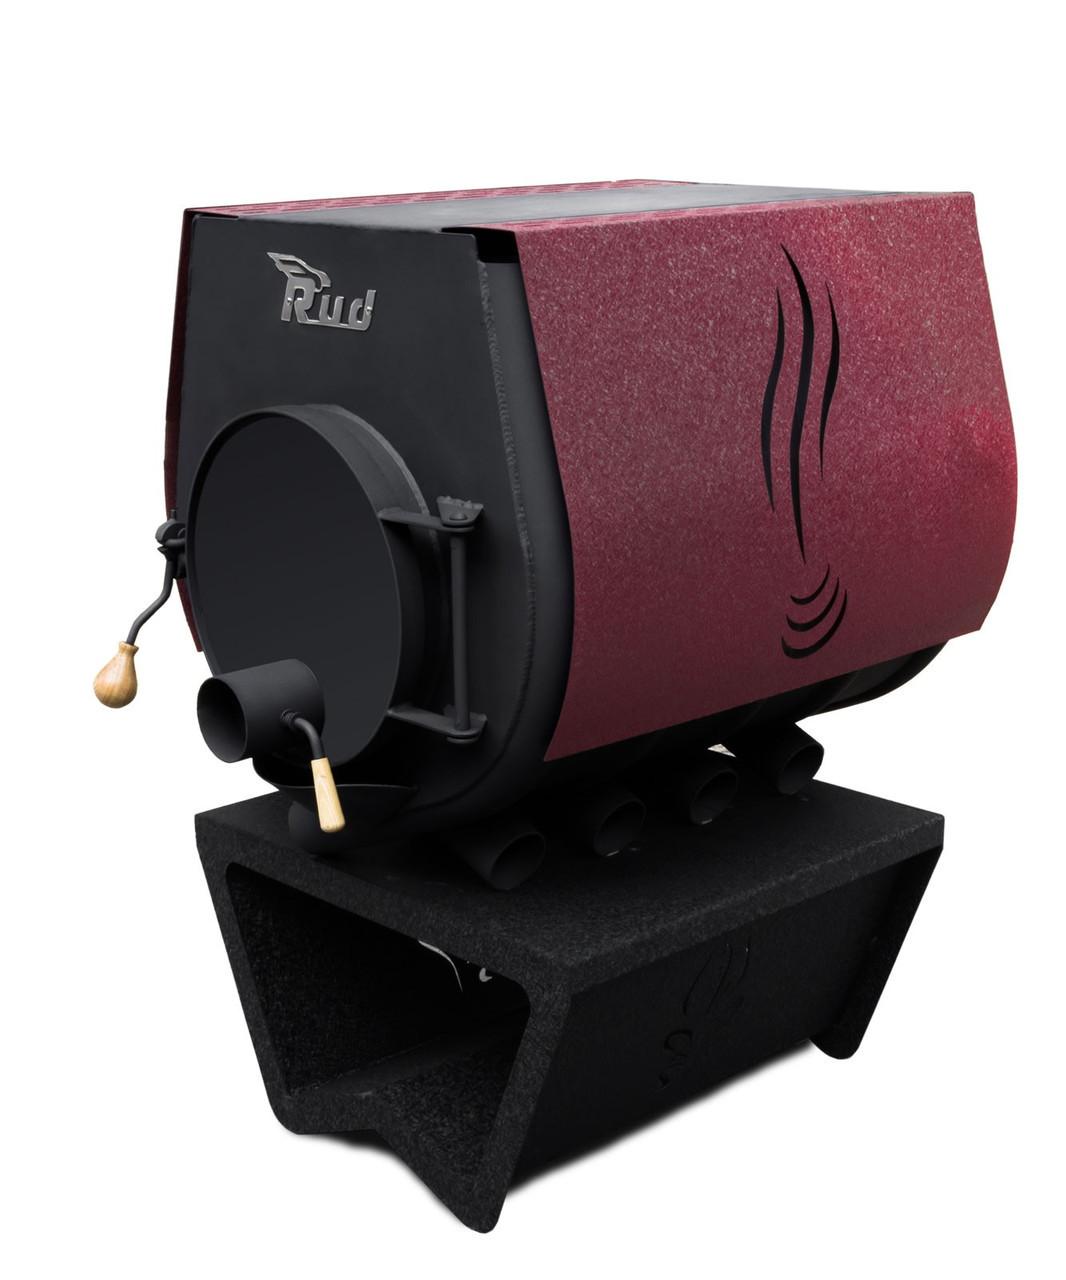 Отопительная печь Rud Pyrotron Кантри 02 с варочной поверхностью (S=120 кв.м. х 2,5 м) бордовая